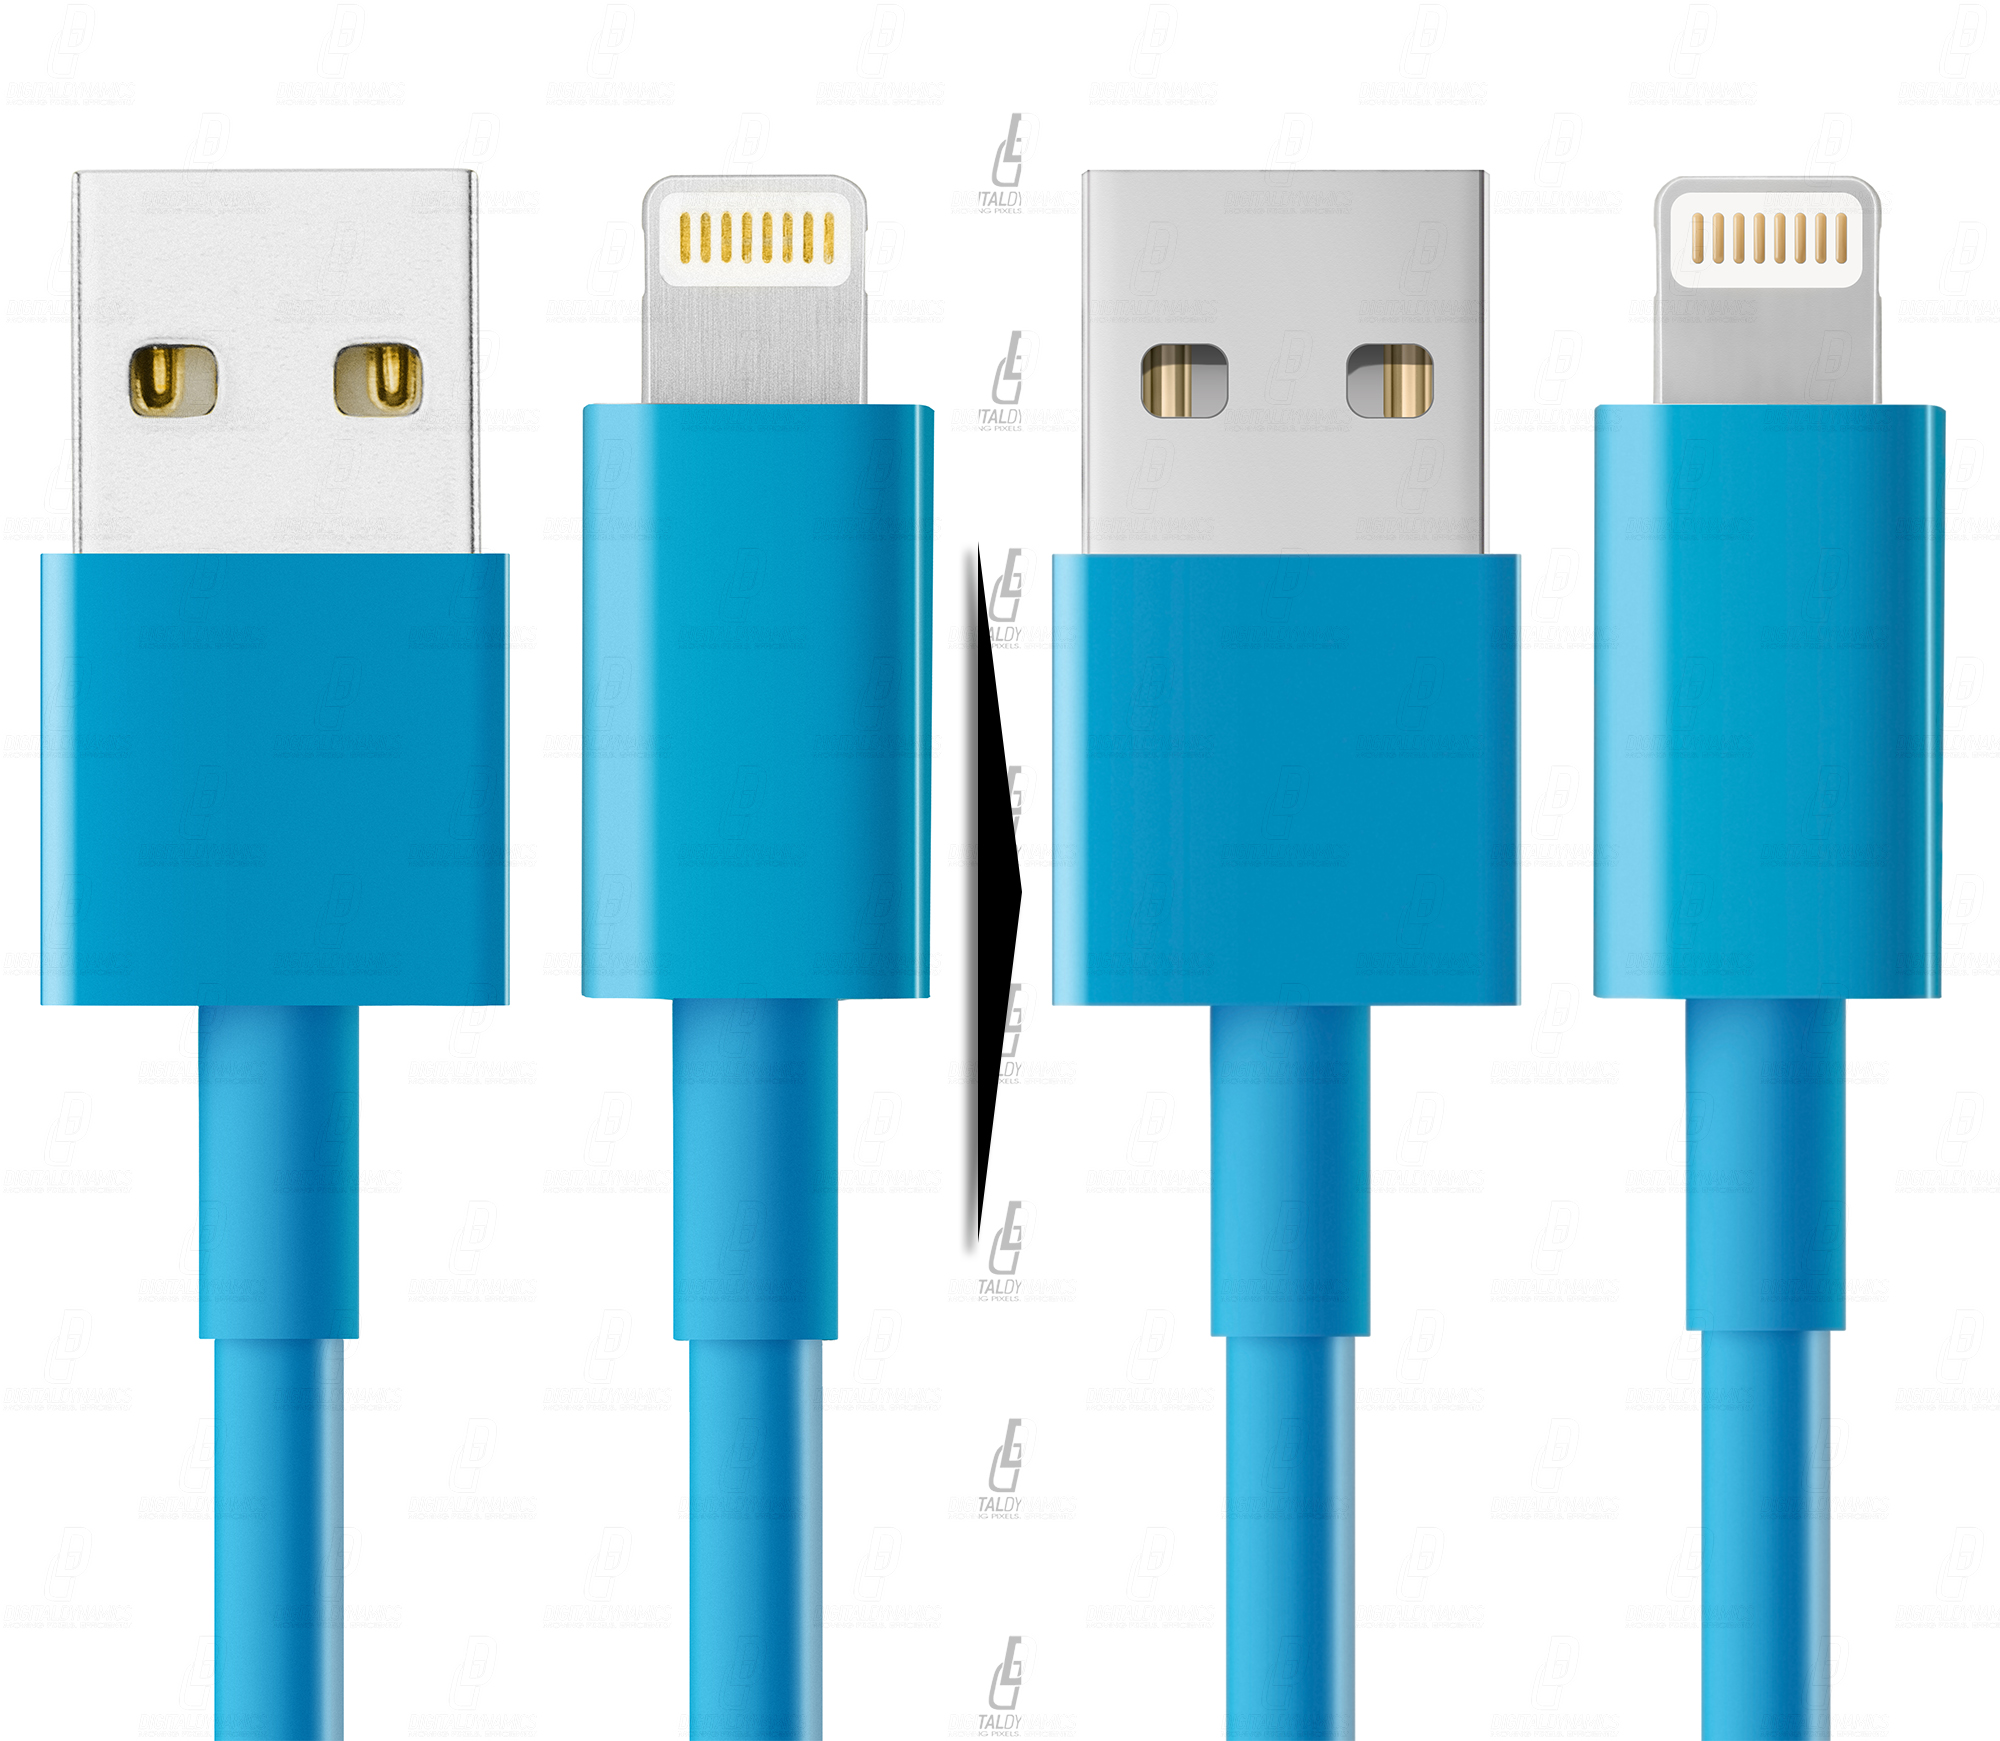 Обработка/дорисовка/замена цвета фото usb-кабелей для размещения на упаковке